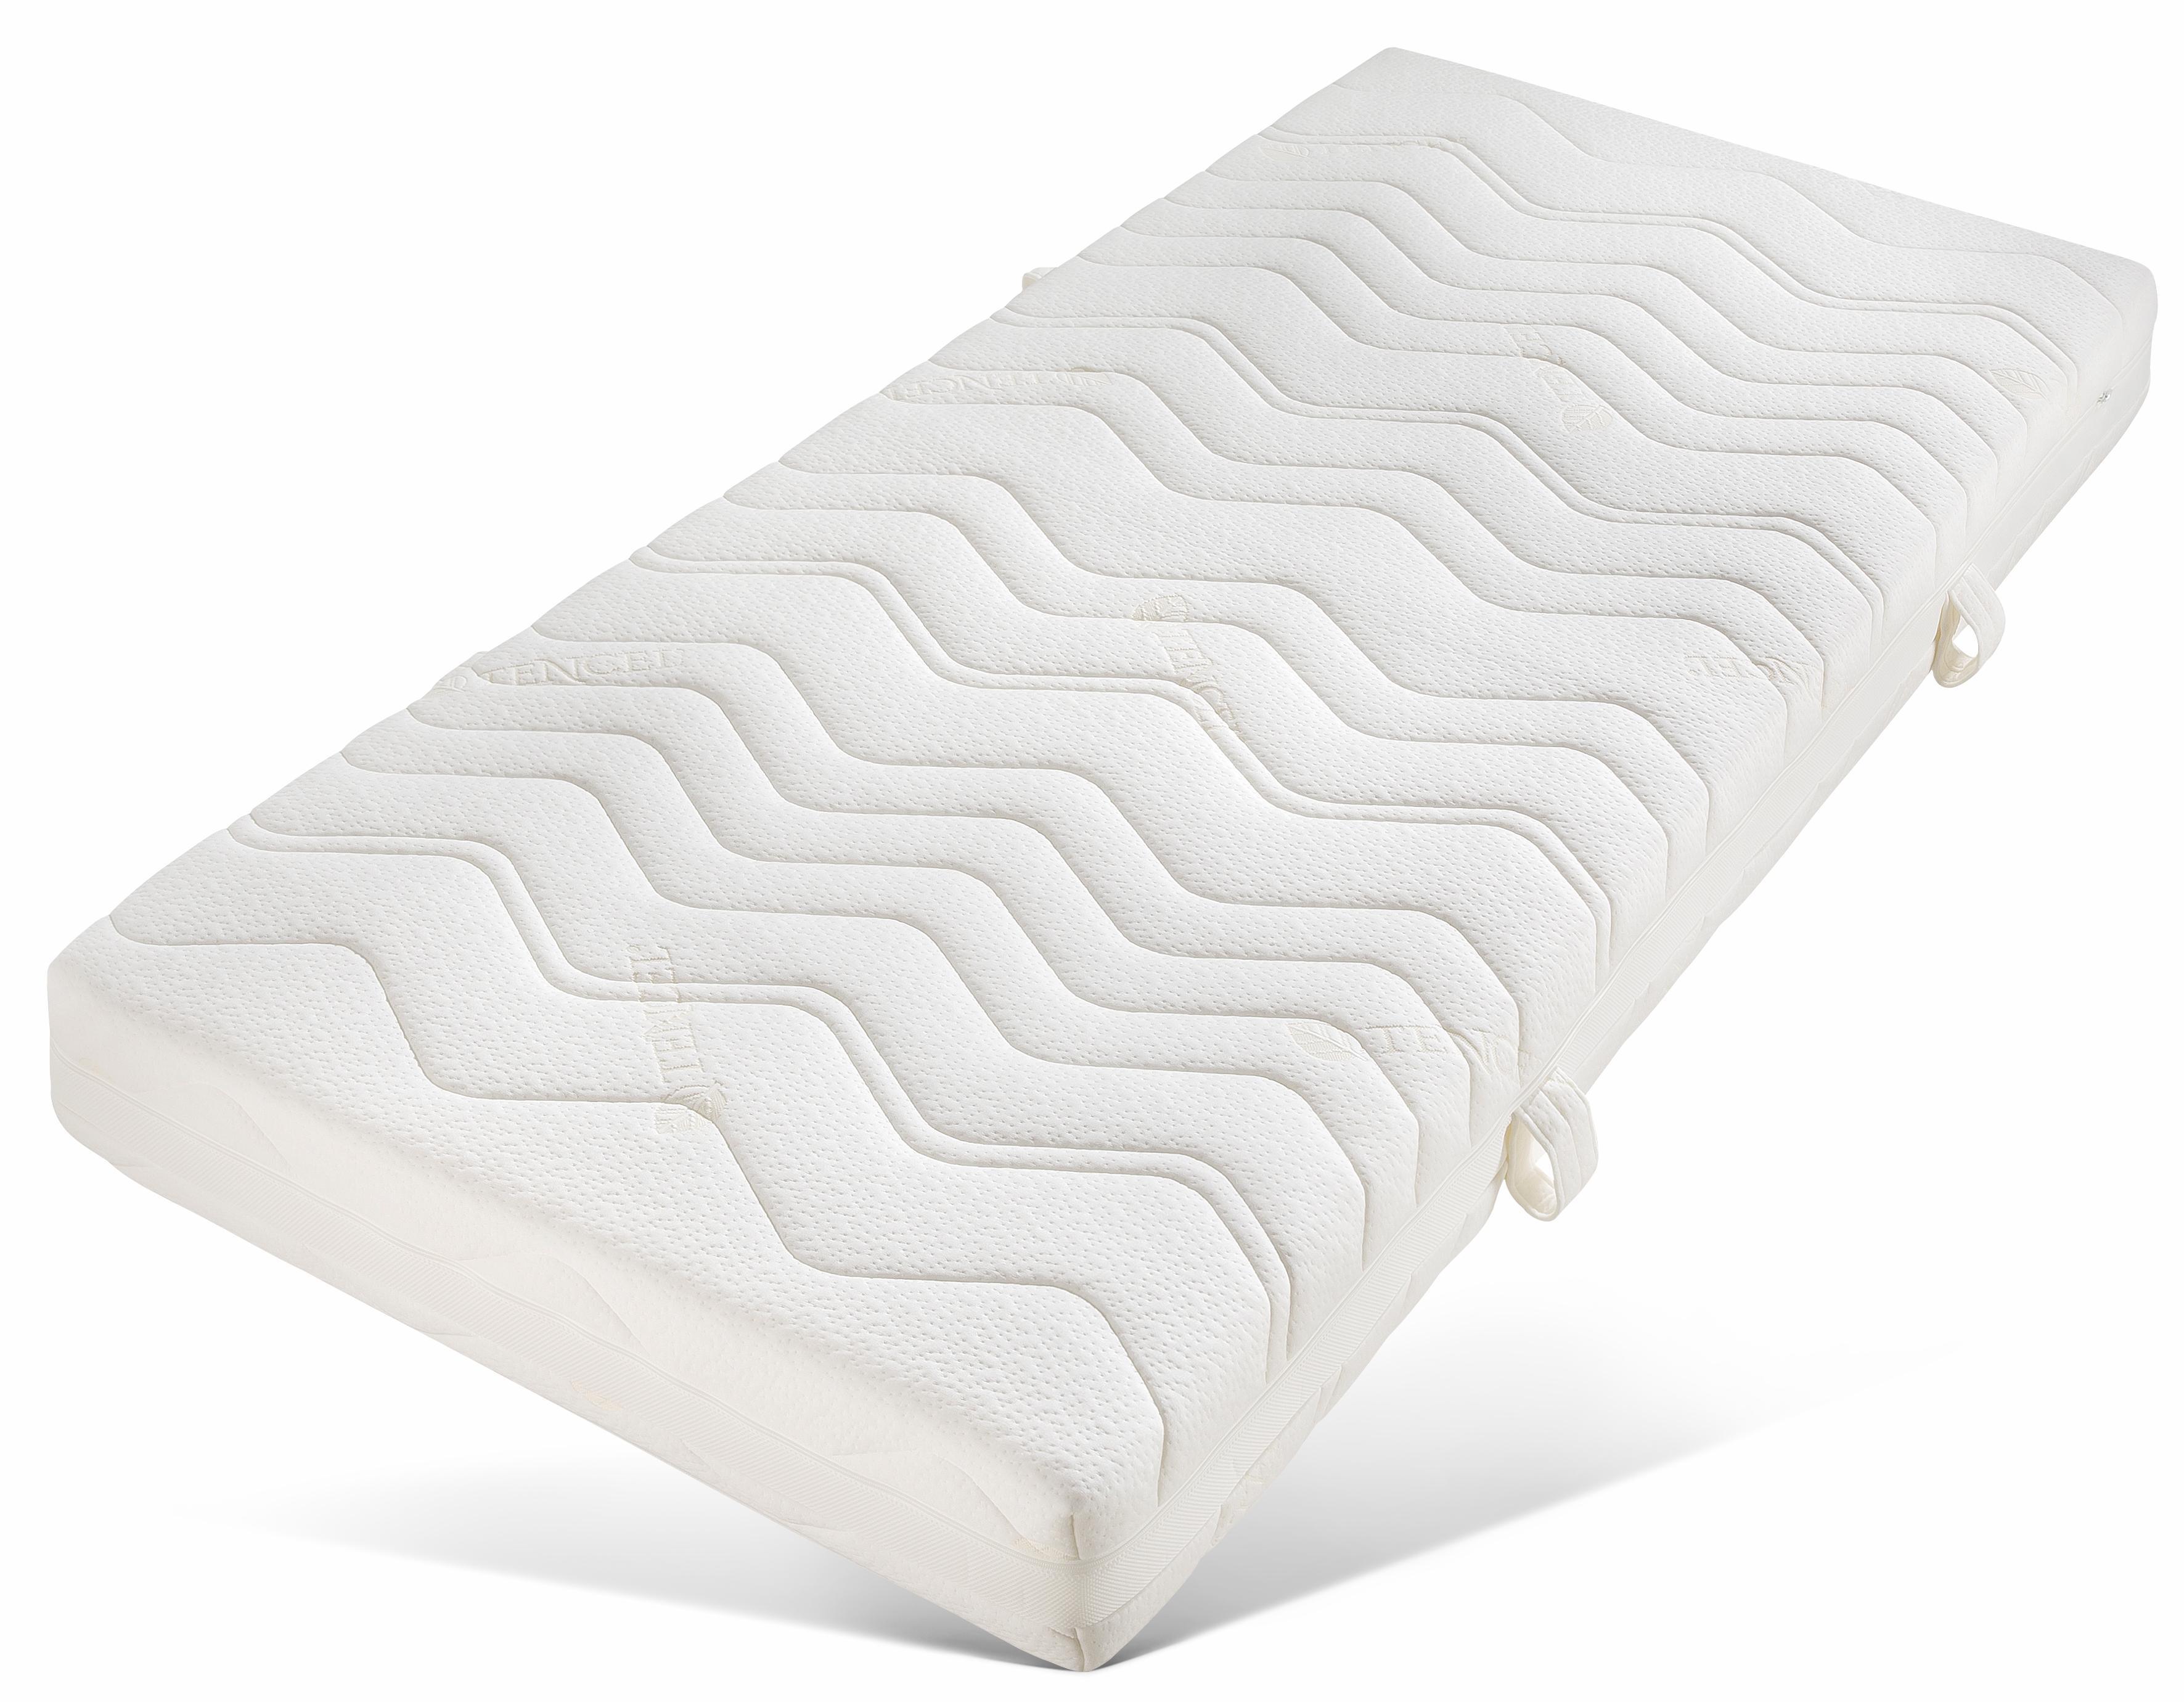 Taschenfederkernmatratze Jubiläumsmatratze TFK Badenia Trendline 18 cm hoch